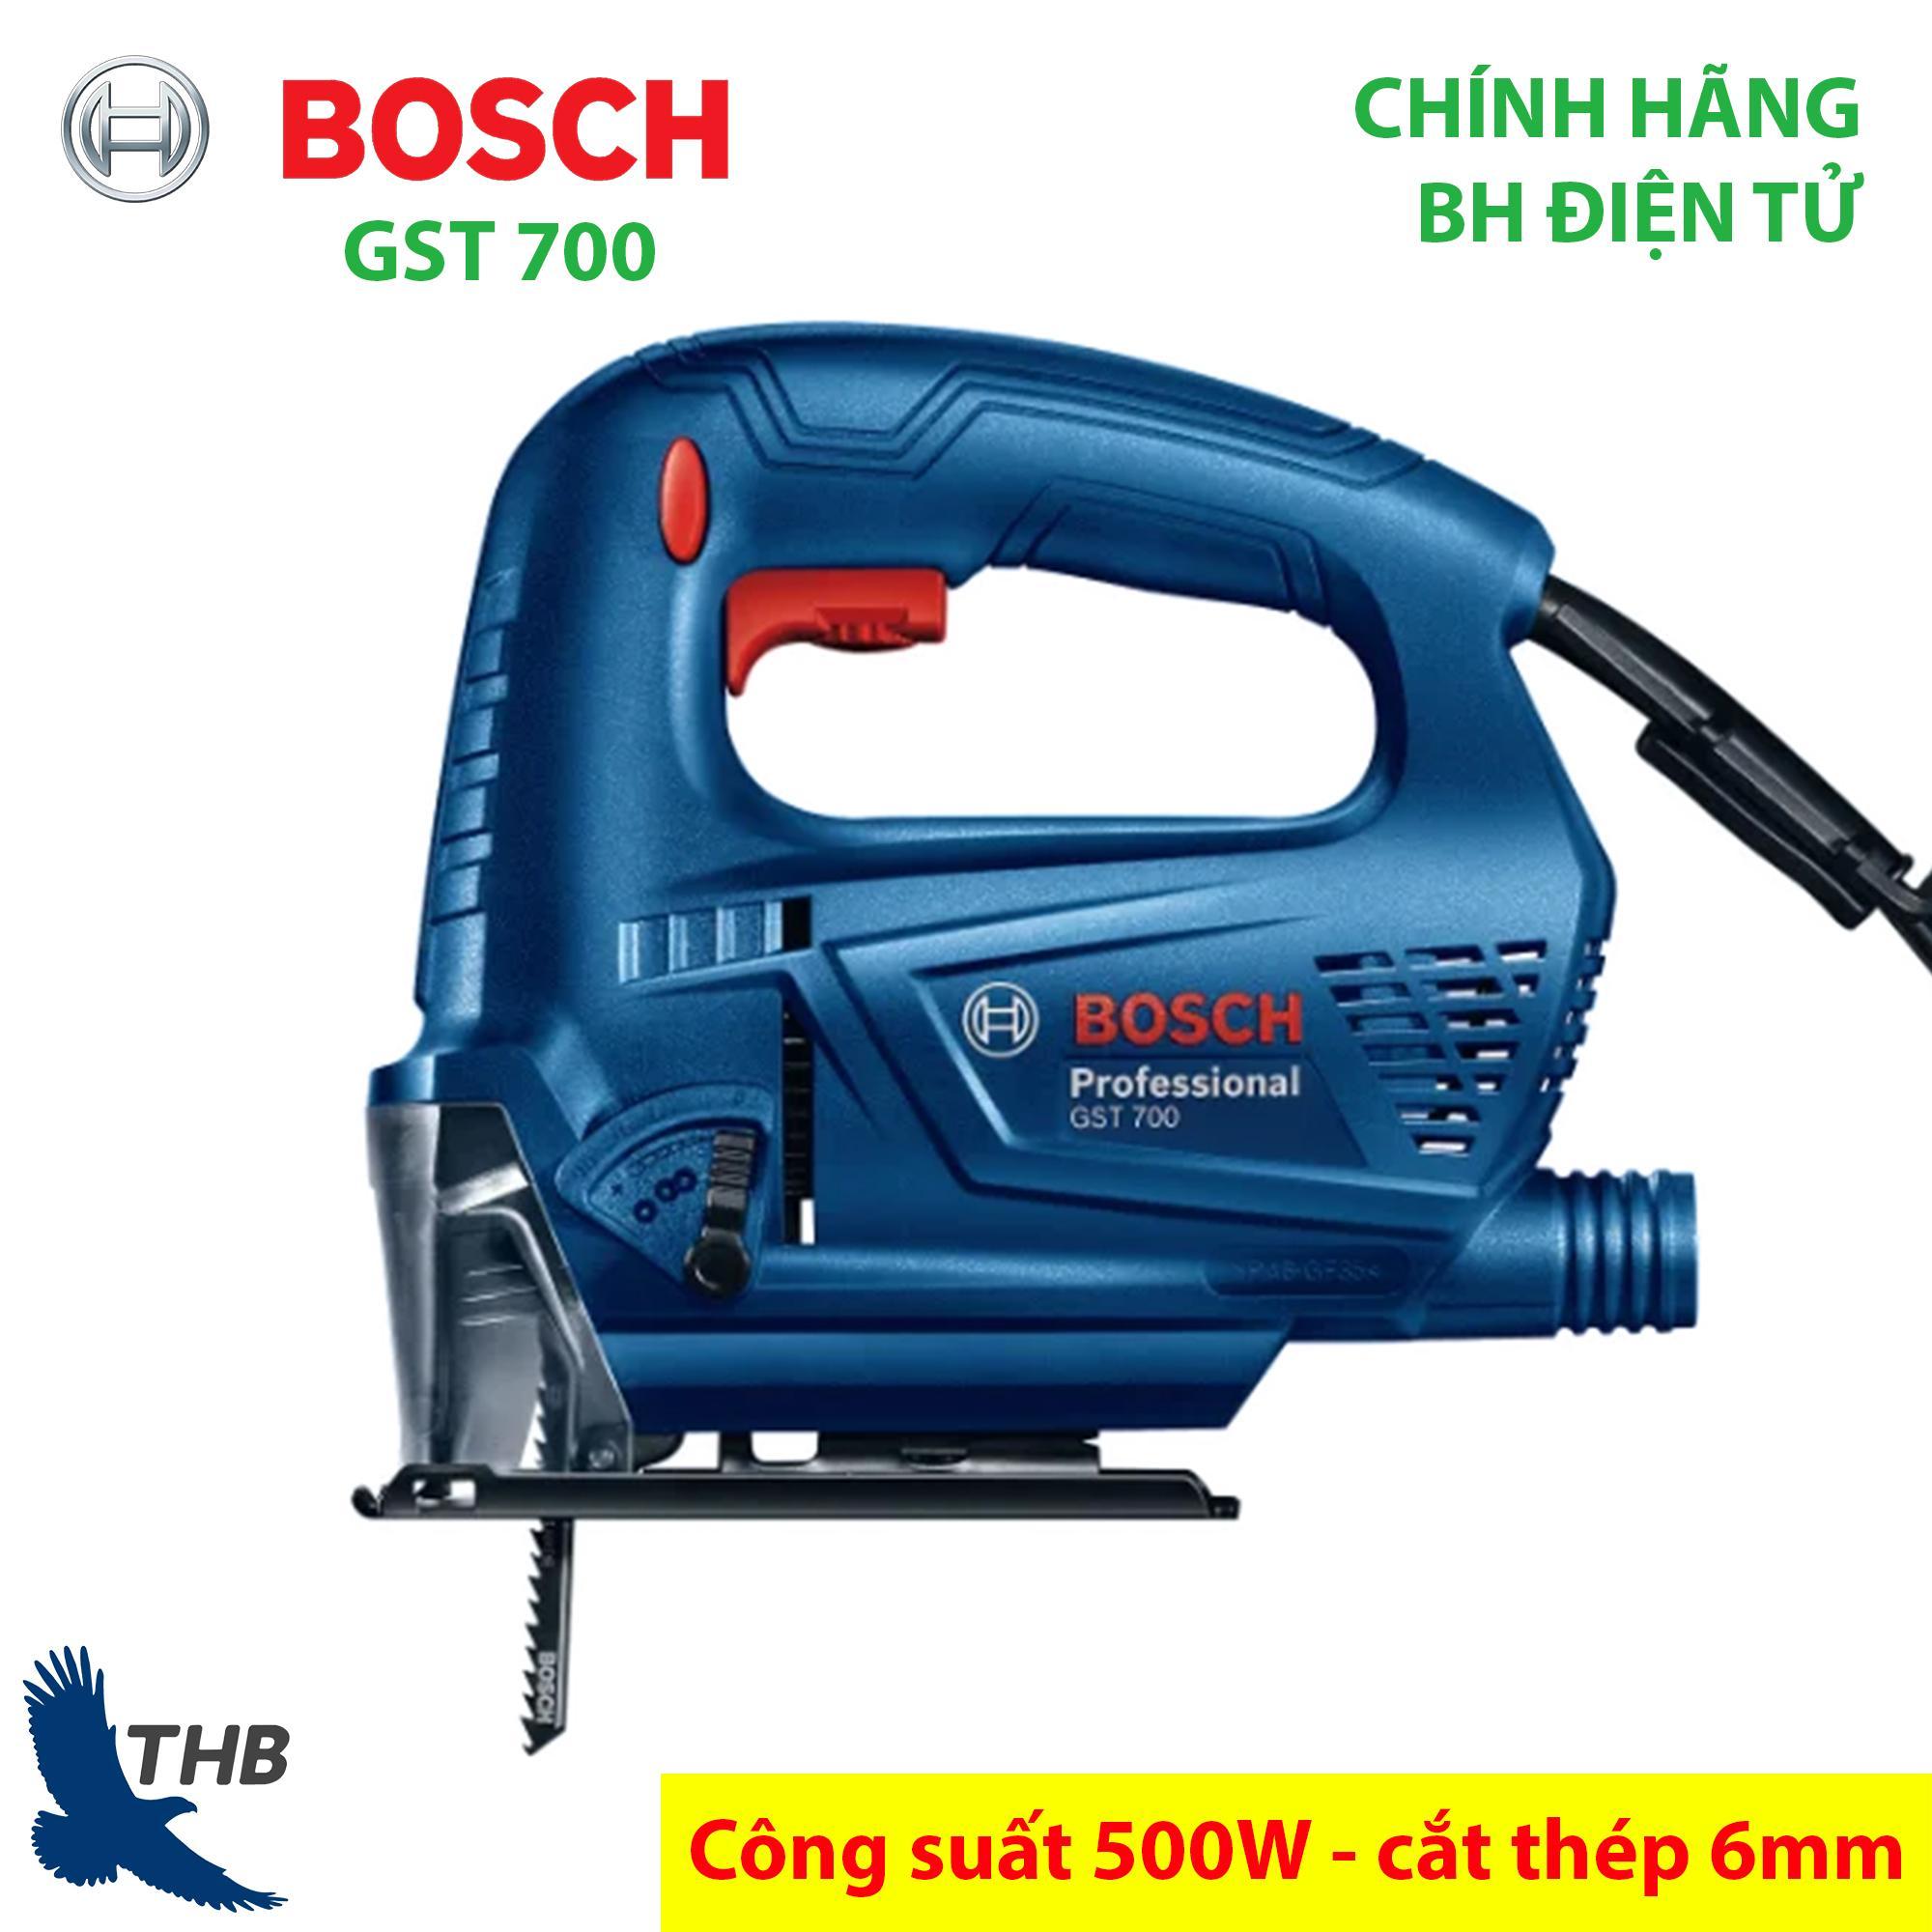 Máy cưa lọng cầm tay Bosch GST 700